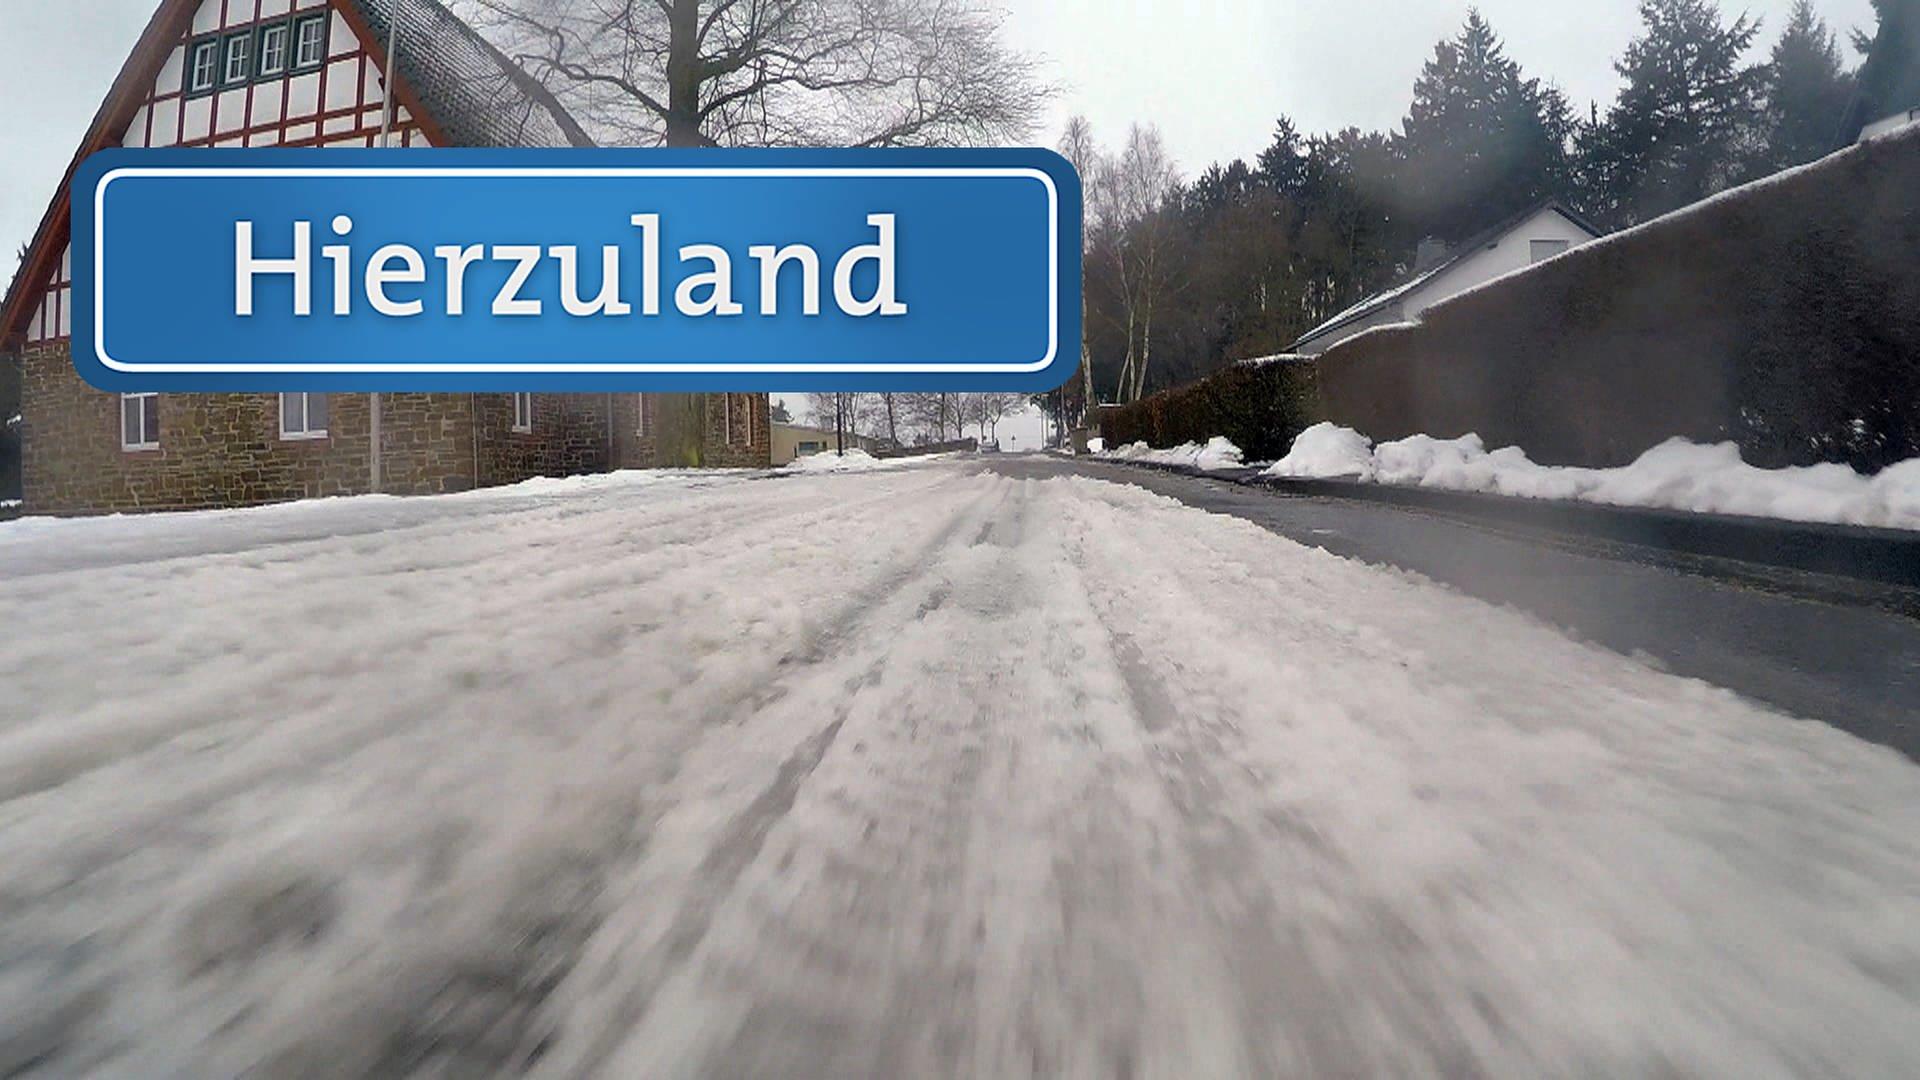 Swr1 Wetter Rheinland-Pfalz